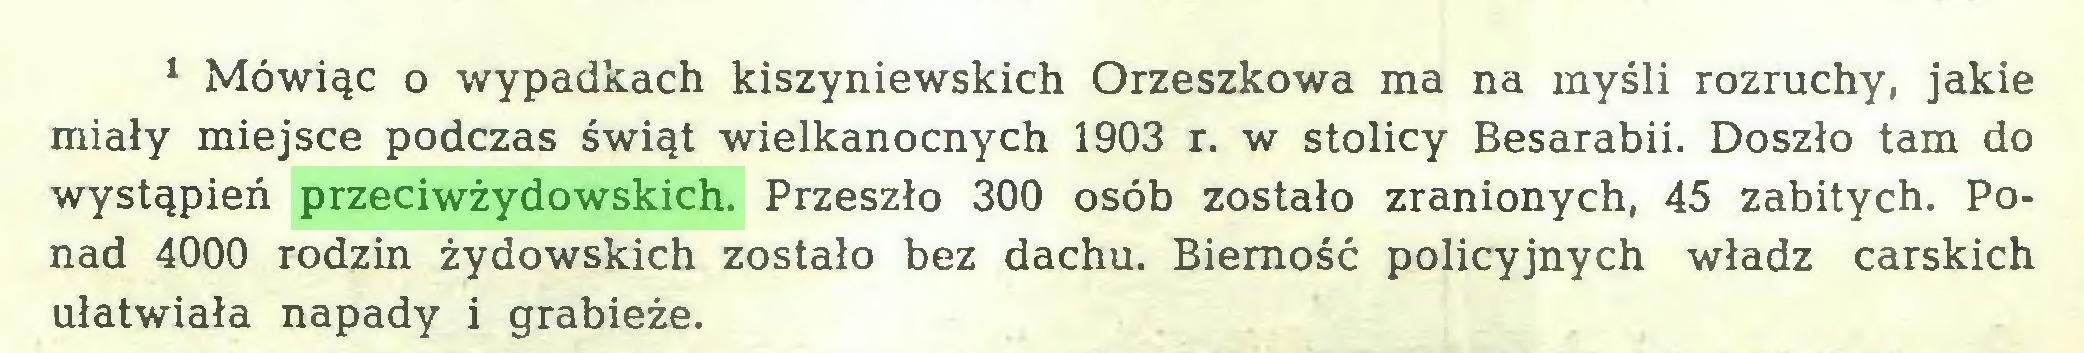 (...) 1 Mówiąc o wypadkach kiszyniewskich Orzeszkowa ma na myśli rozruchy, jakie miały miejsce podczas świąt wielkanocnych 1903 r. w stolicy Besarabii. Doszło tam do wystąpień przeciwżydowskich. Przeszło 300 osób zostało zranionych, 45 zabitych. Ponad 4000 rodzin żydowskich zostało bez dachu. Bierność policyjnych władz carskich ułatwiała napady i grabieże...